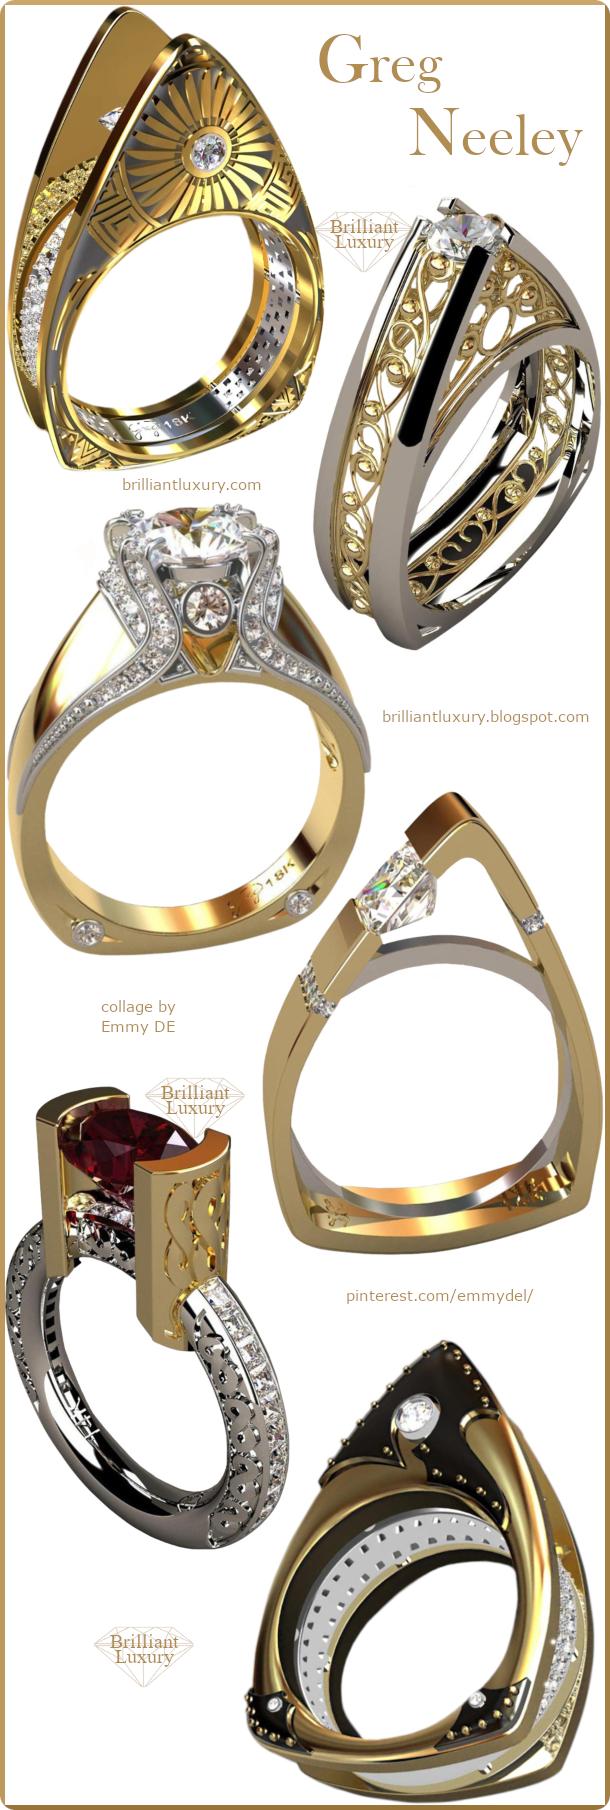 Greg Neeley Jewelry Collection #gregneeley #jewelry #brilliantluxury